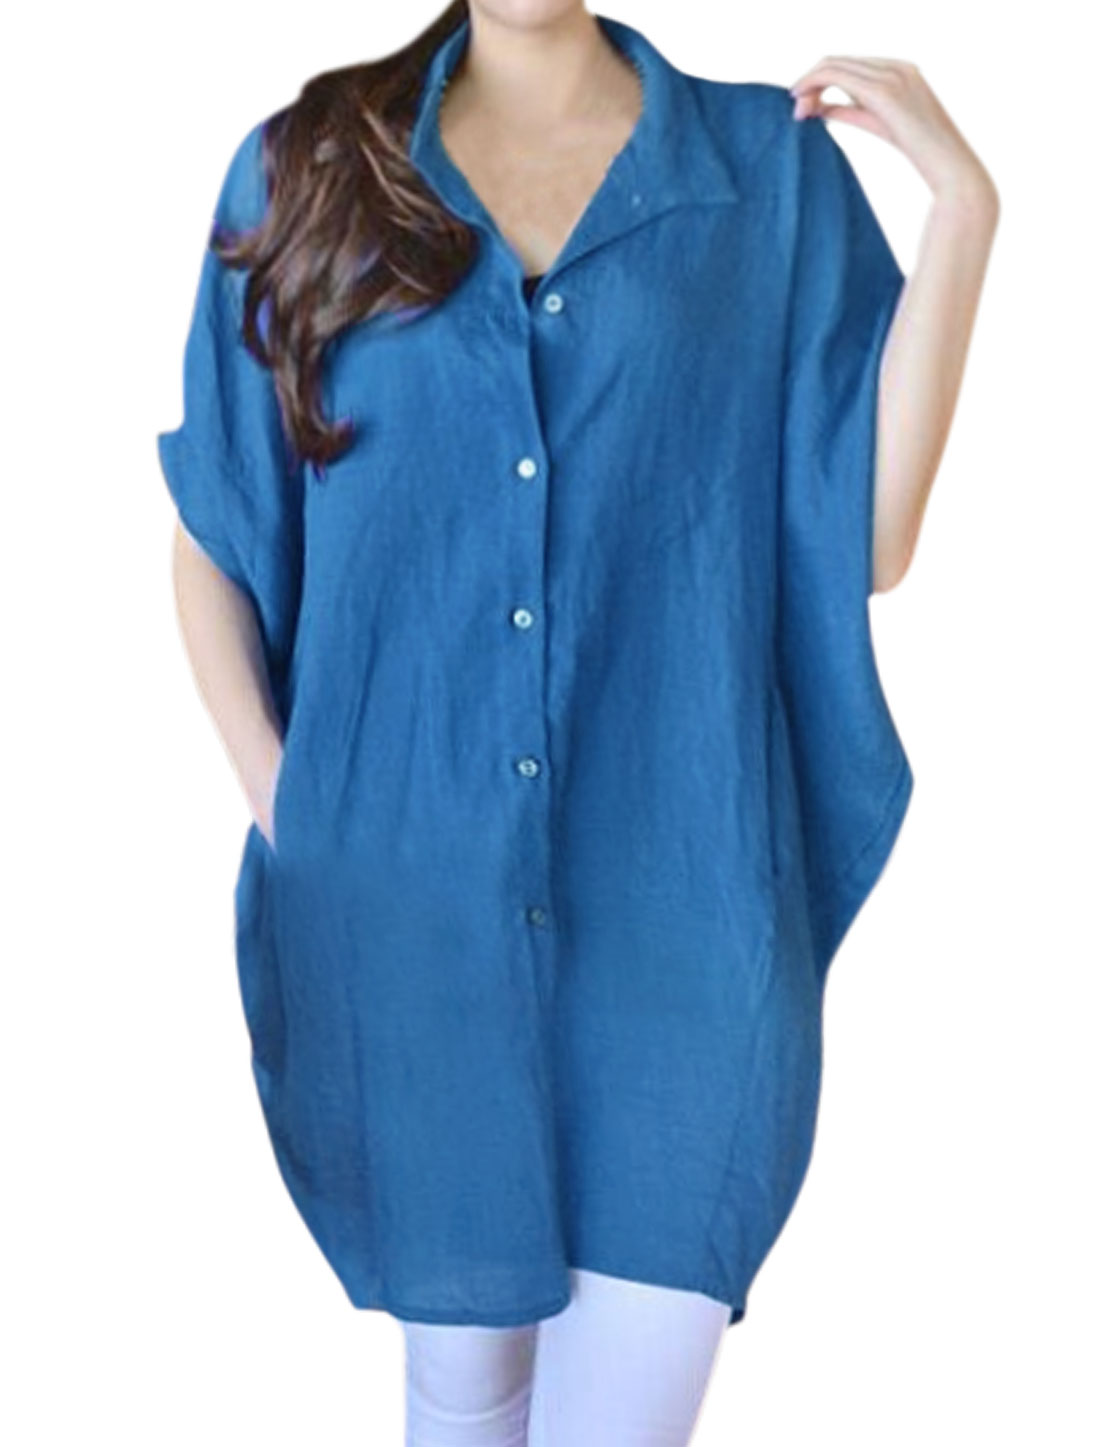 Women Batwing Sleeves Button Up Oversized Shirt Dress Light Blue S